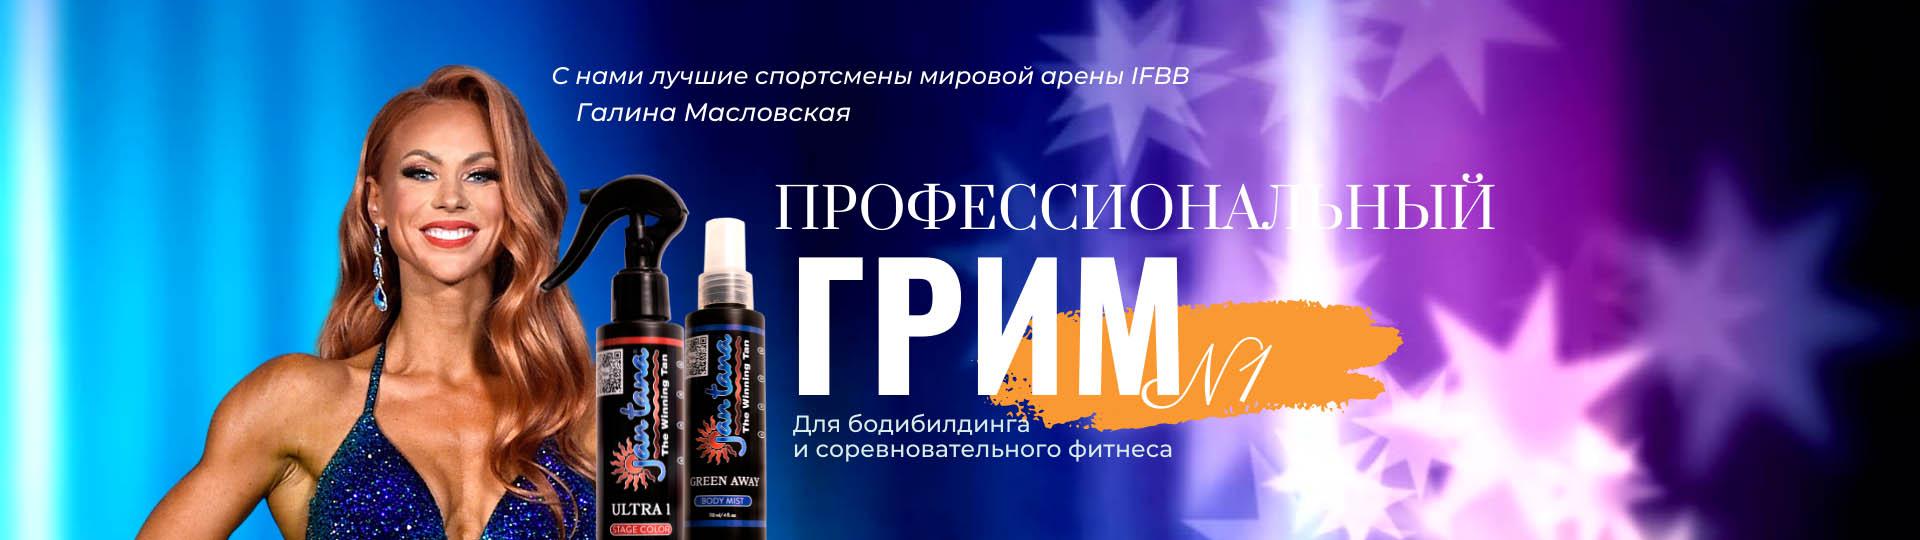 TOP-15 Bikini в INSTAGRAM: От Мукминовой до Усмановой. Без Красавиной и Романовой?